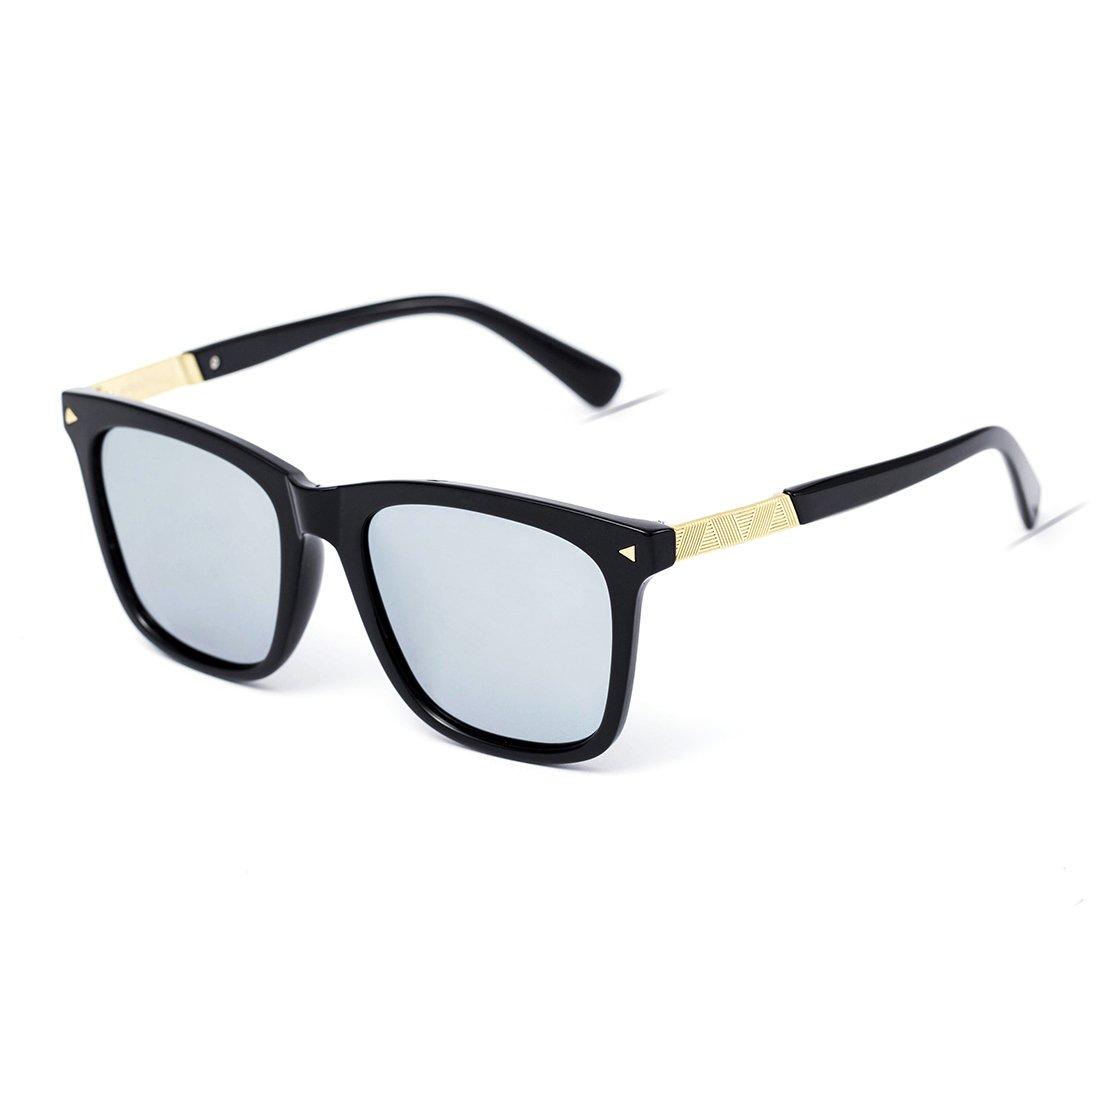 815fa93915 MT MIT MT anteojos de MIT sol polarizadas con con lente de espejo para gato  con protección UV400 Plateado 401f693 - bellatoneskin.review